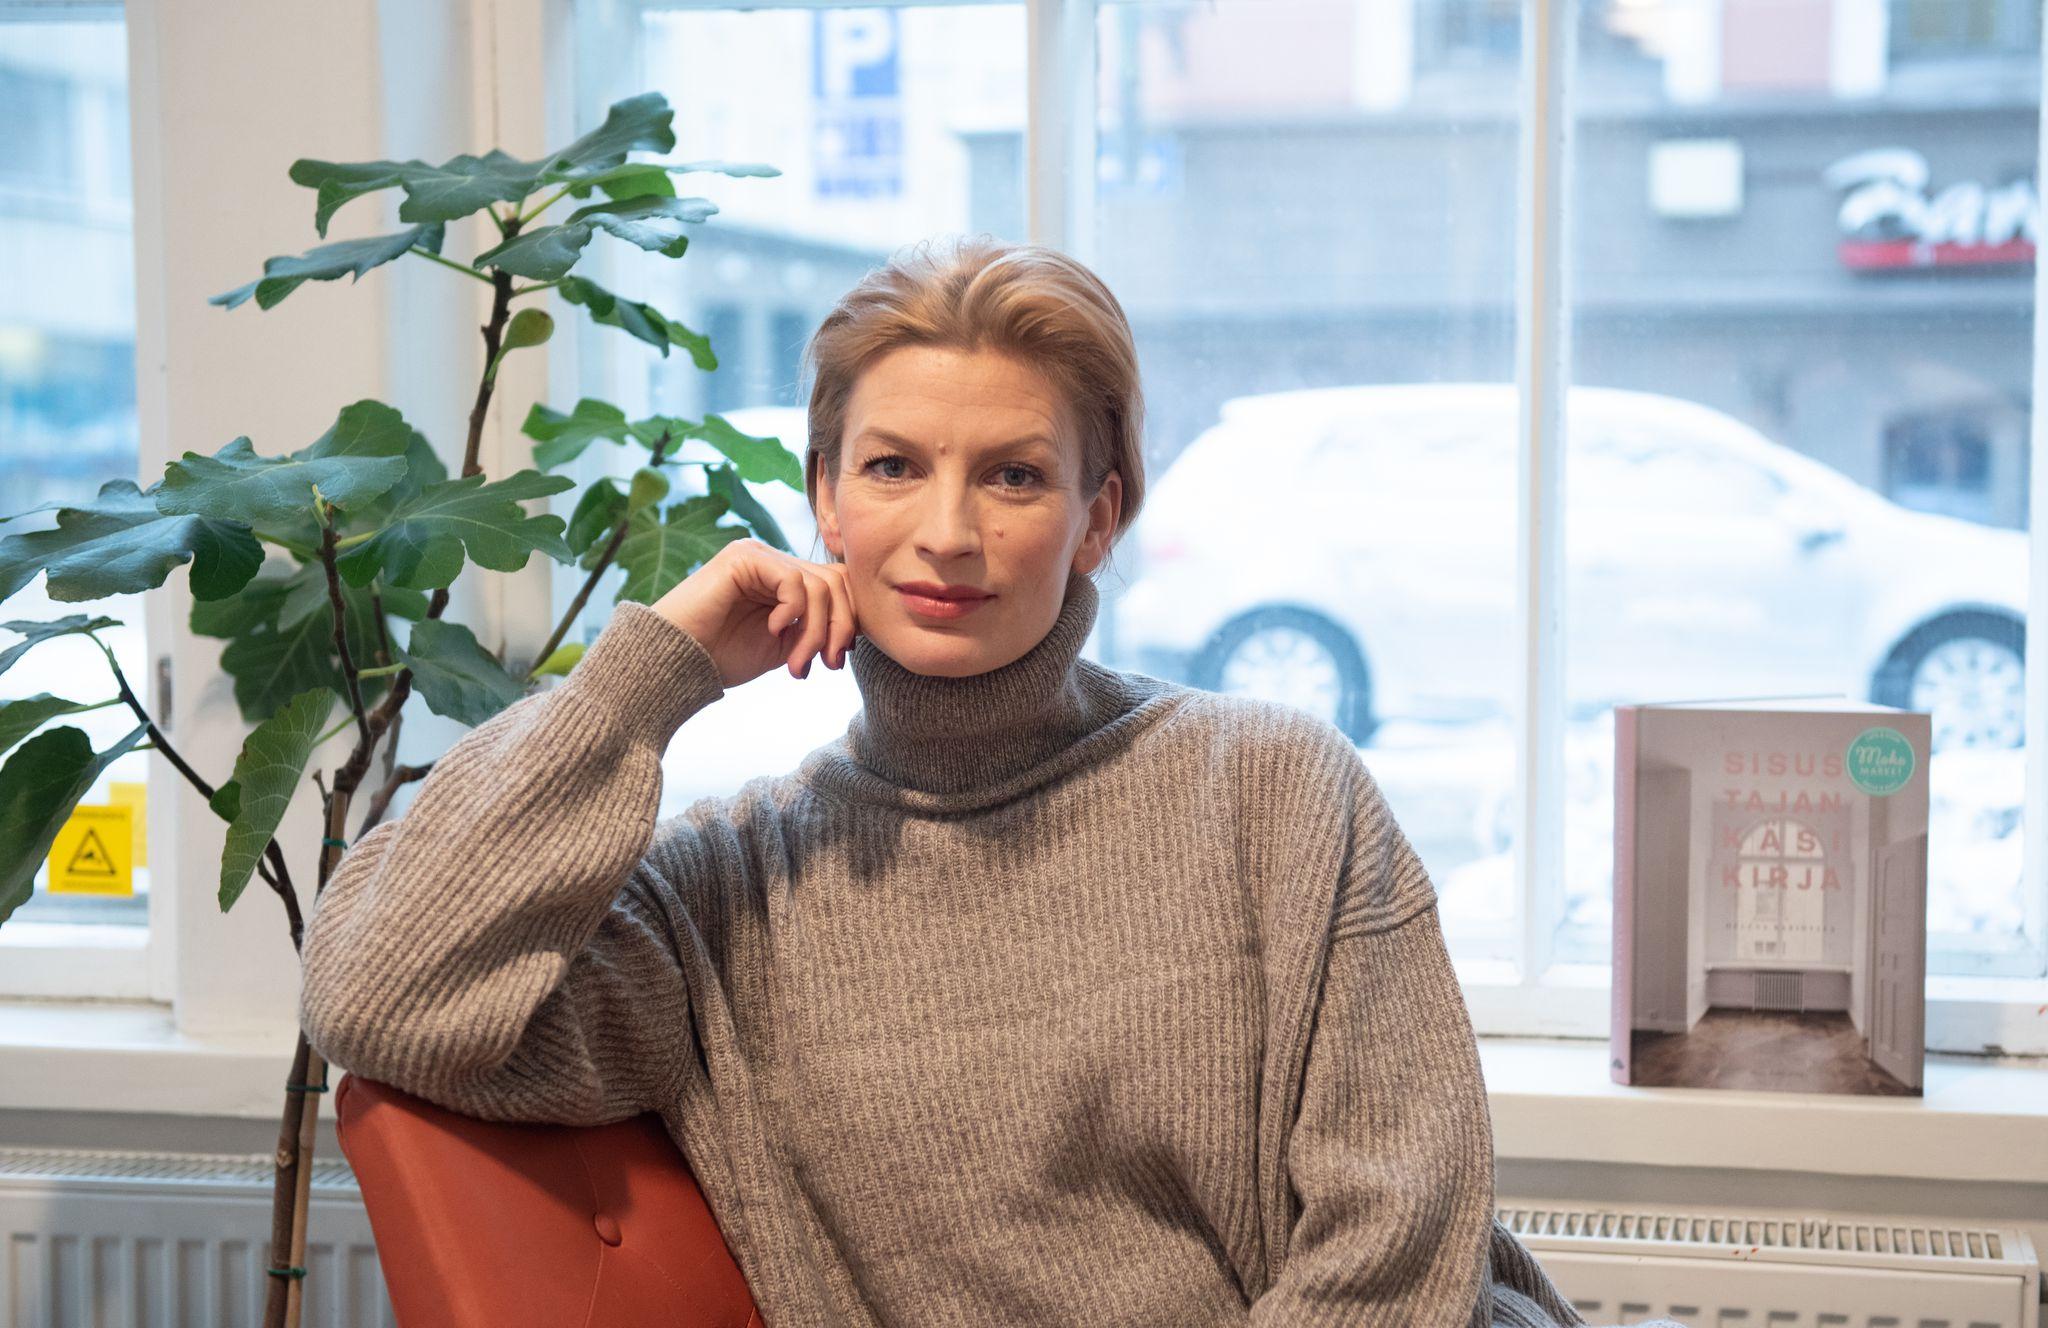 Iltalehti 15.03.2019   Niina Kurkinen-Nyholm kipuili, kun hänen parisuhteensa eivät kestäneet. Hän löysi avun muutokseen, ja samalla ammatti ja siviilisääty menivät uusiksi.   Lue lisää